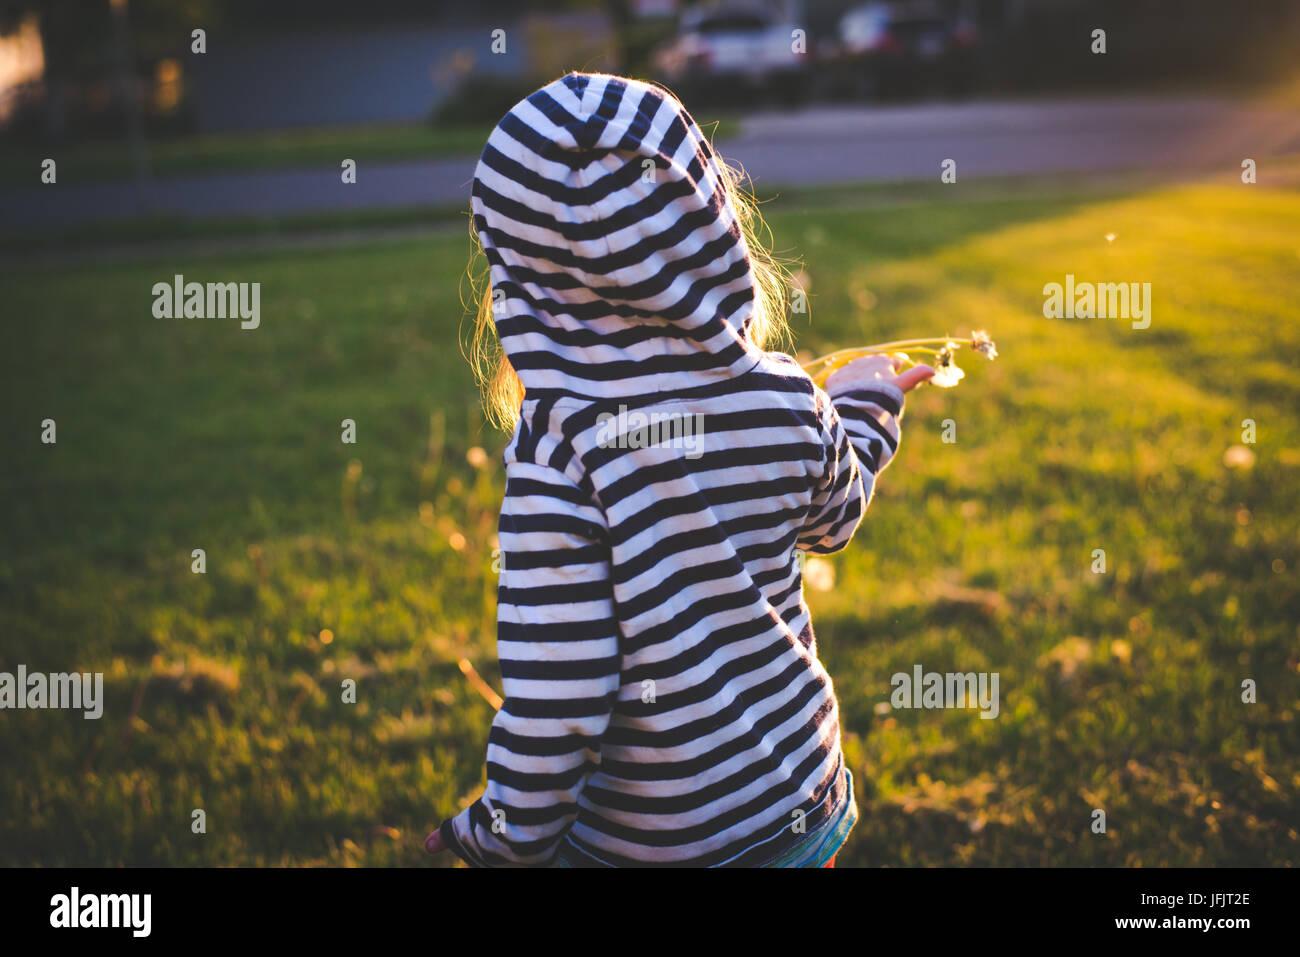 Un niño sostiene un diente de león en la luz del sol con el niño de pie con la espalda a la cámara. Imagen De Stock